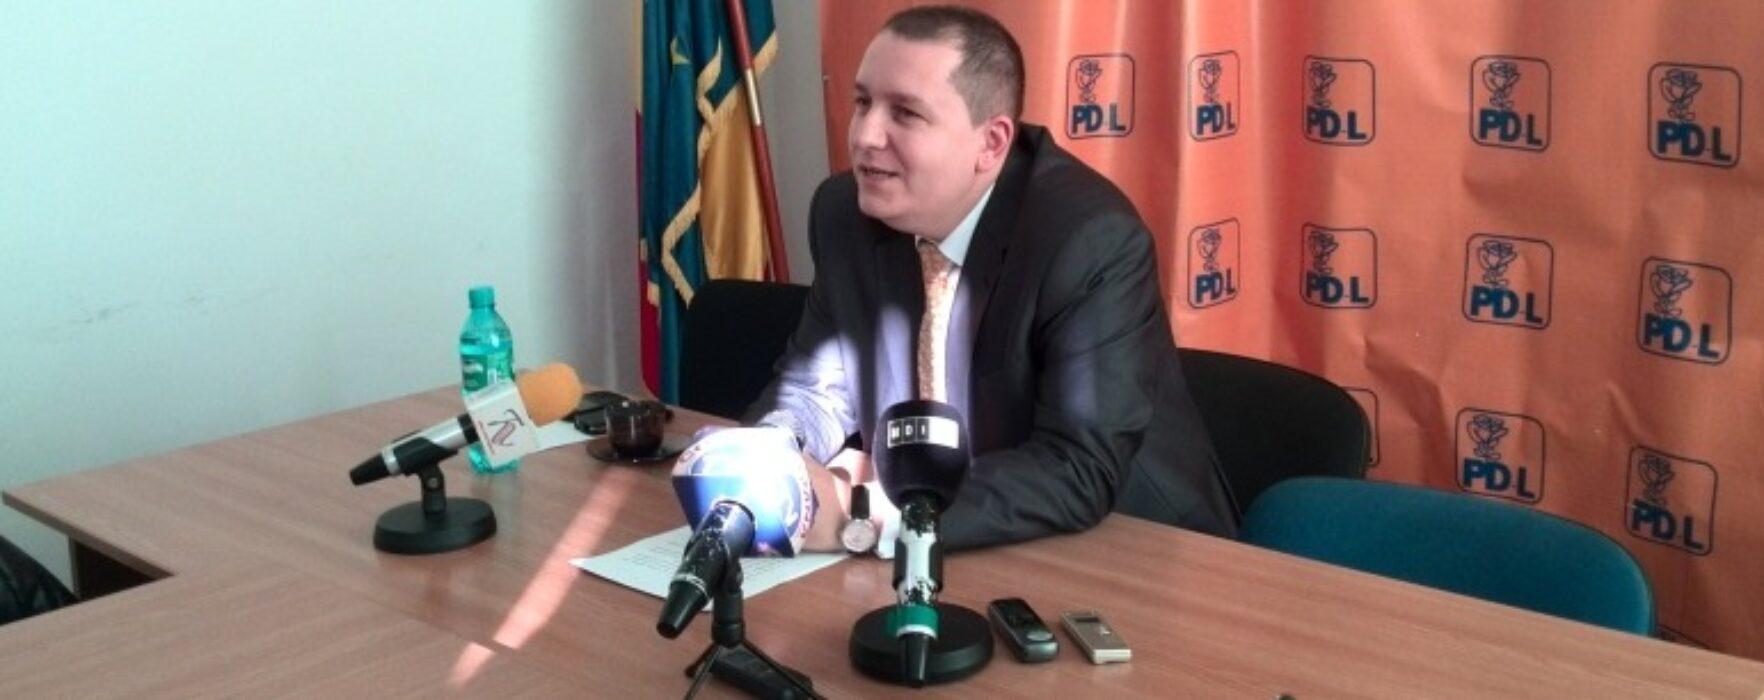 Claudiu Dumitrescu, pe locul 33 pe lista PDL la europarlamentare; vezi lista completă